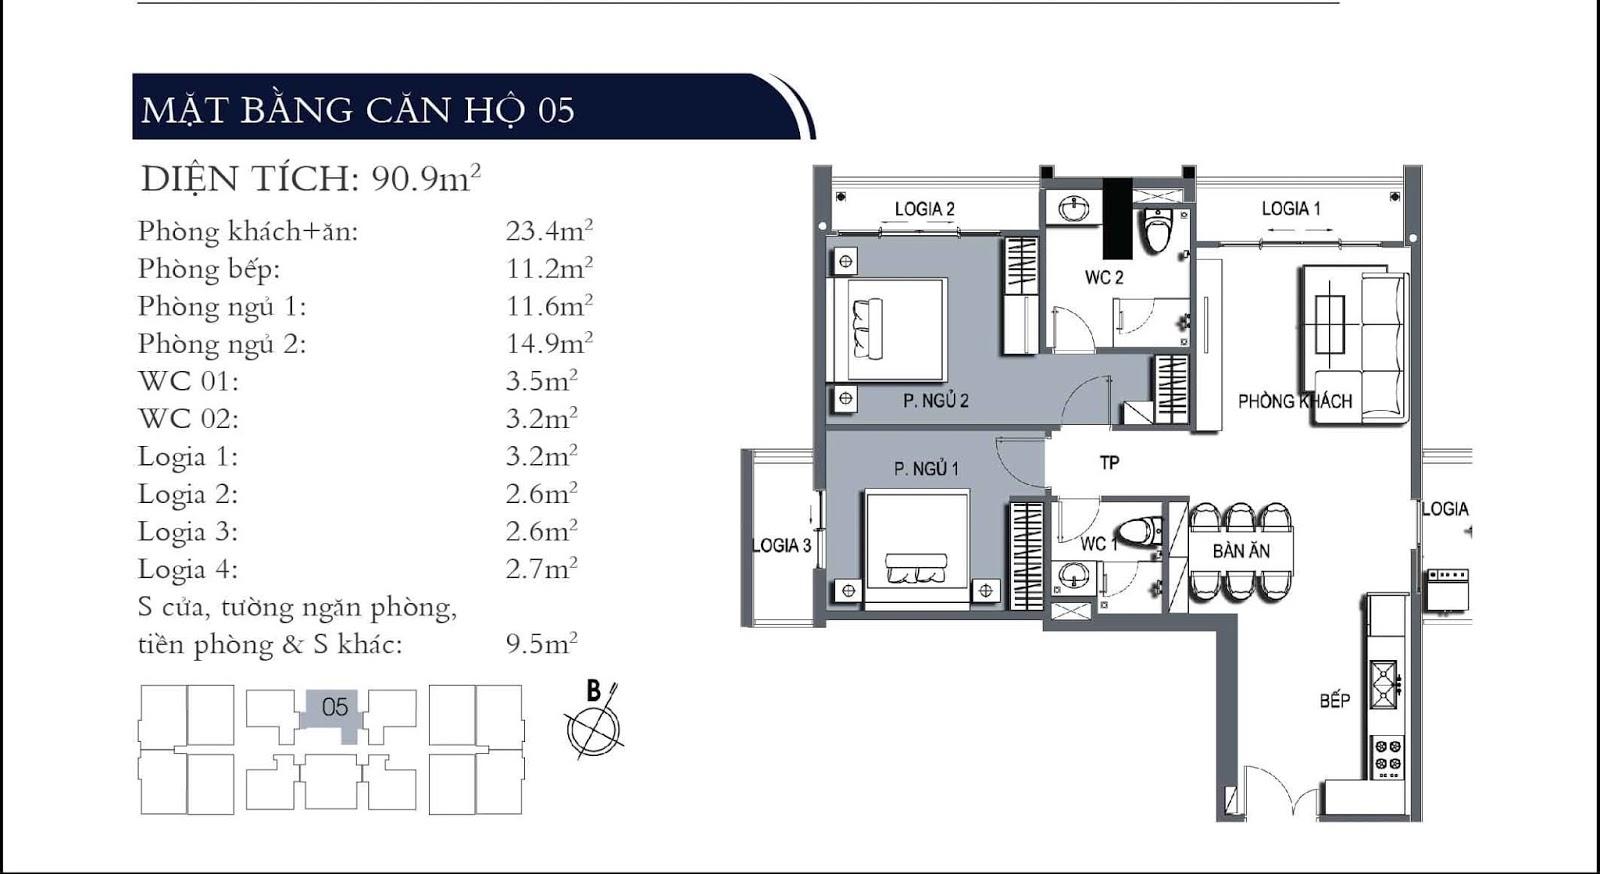 Mặt bằng căn hộ 05 dự án One 18 Ngọc Lâm